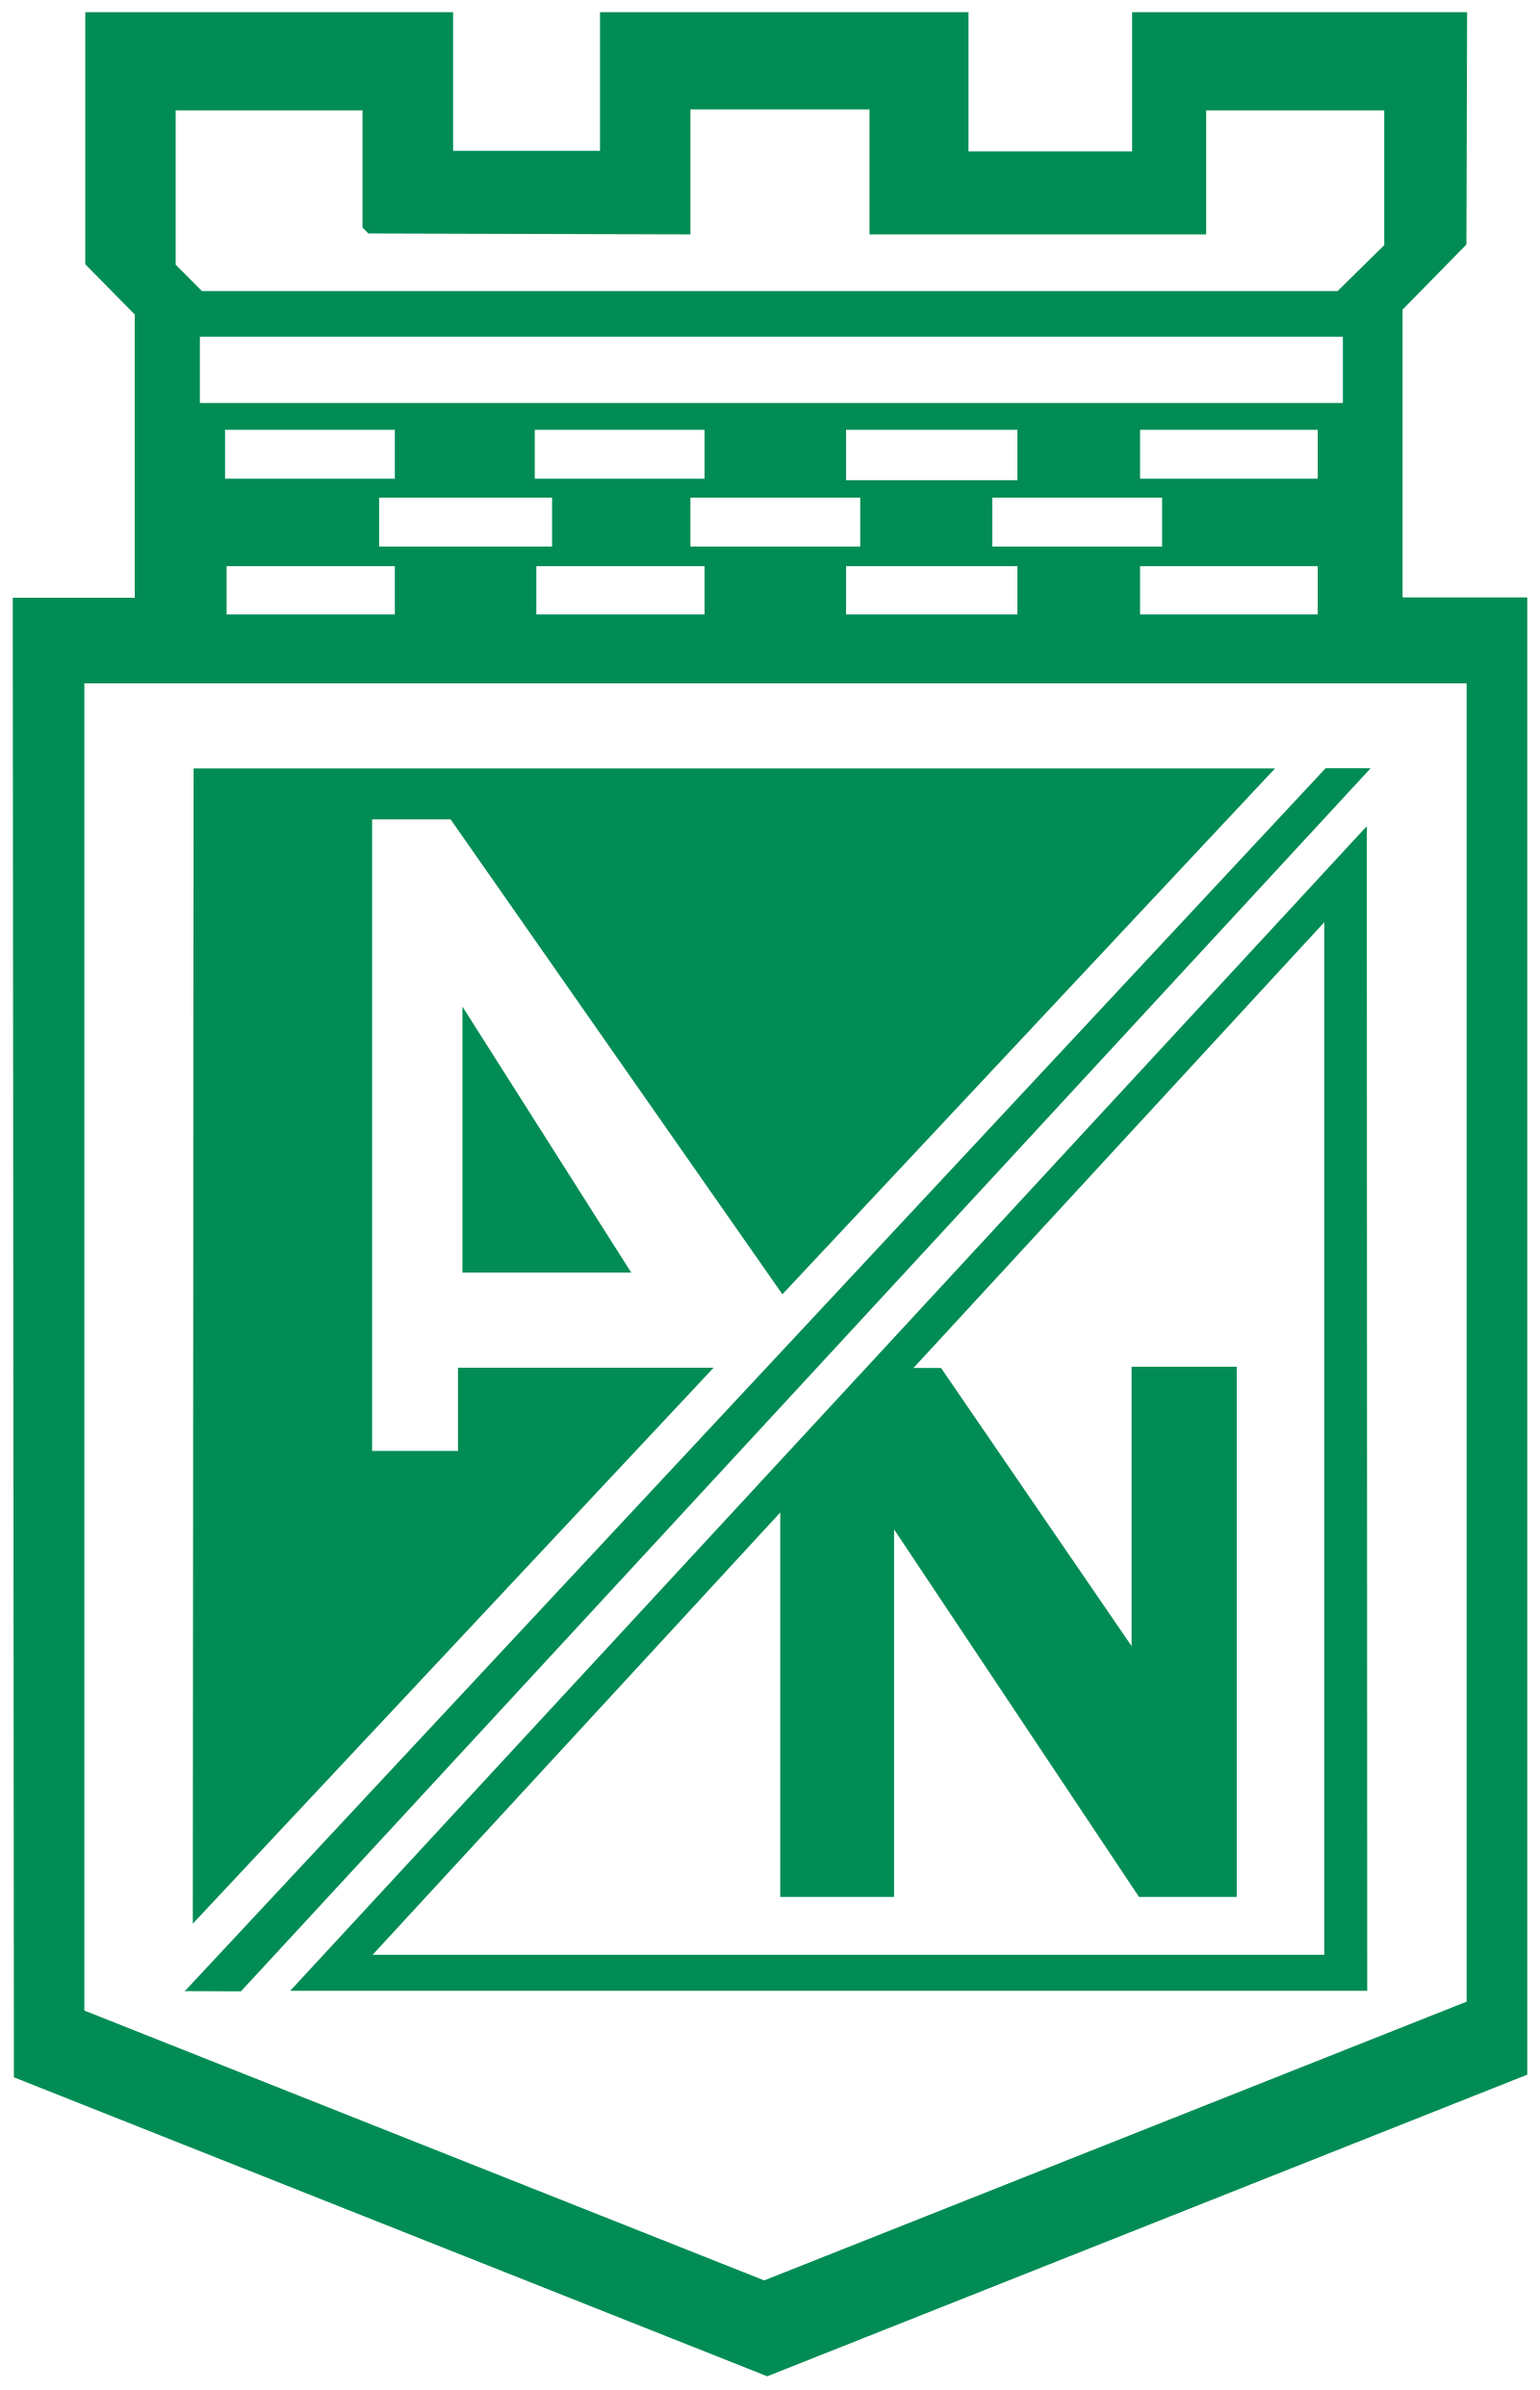 atletico-nacional-logo-escudo-2